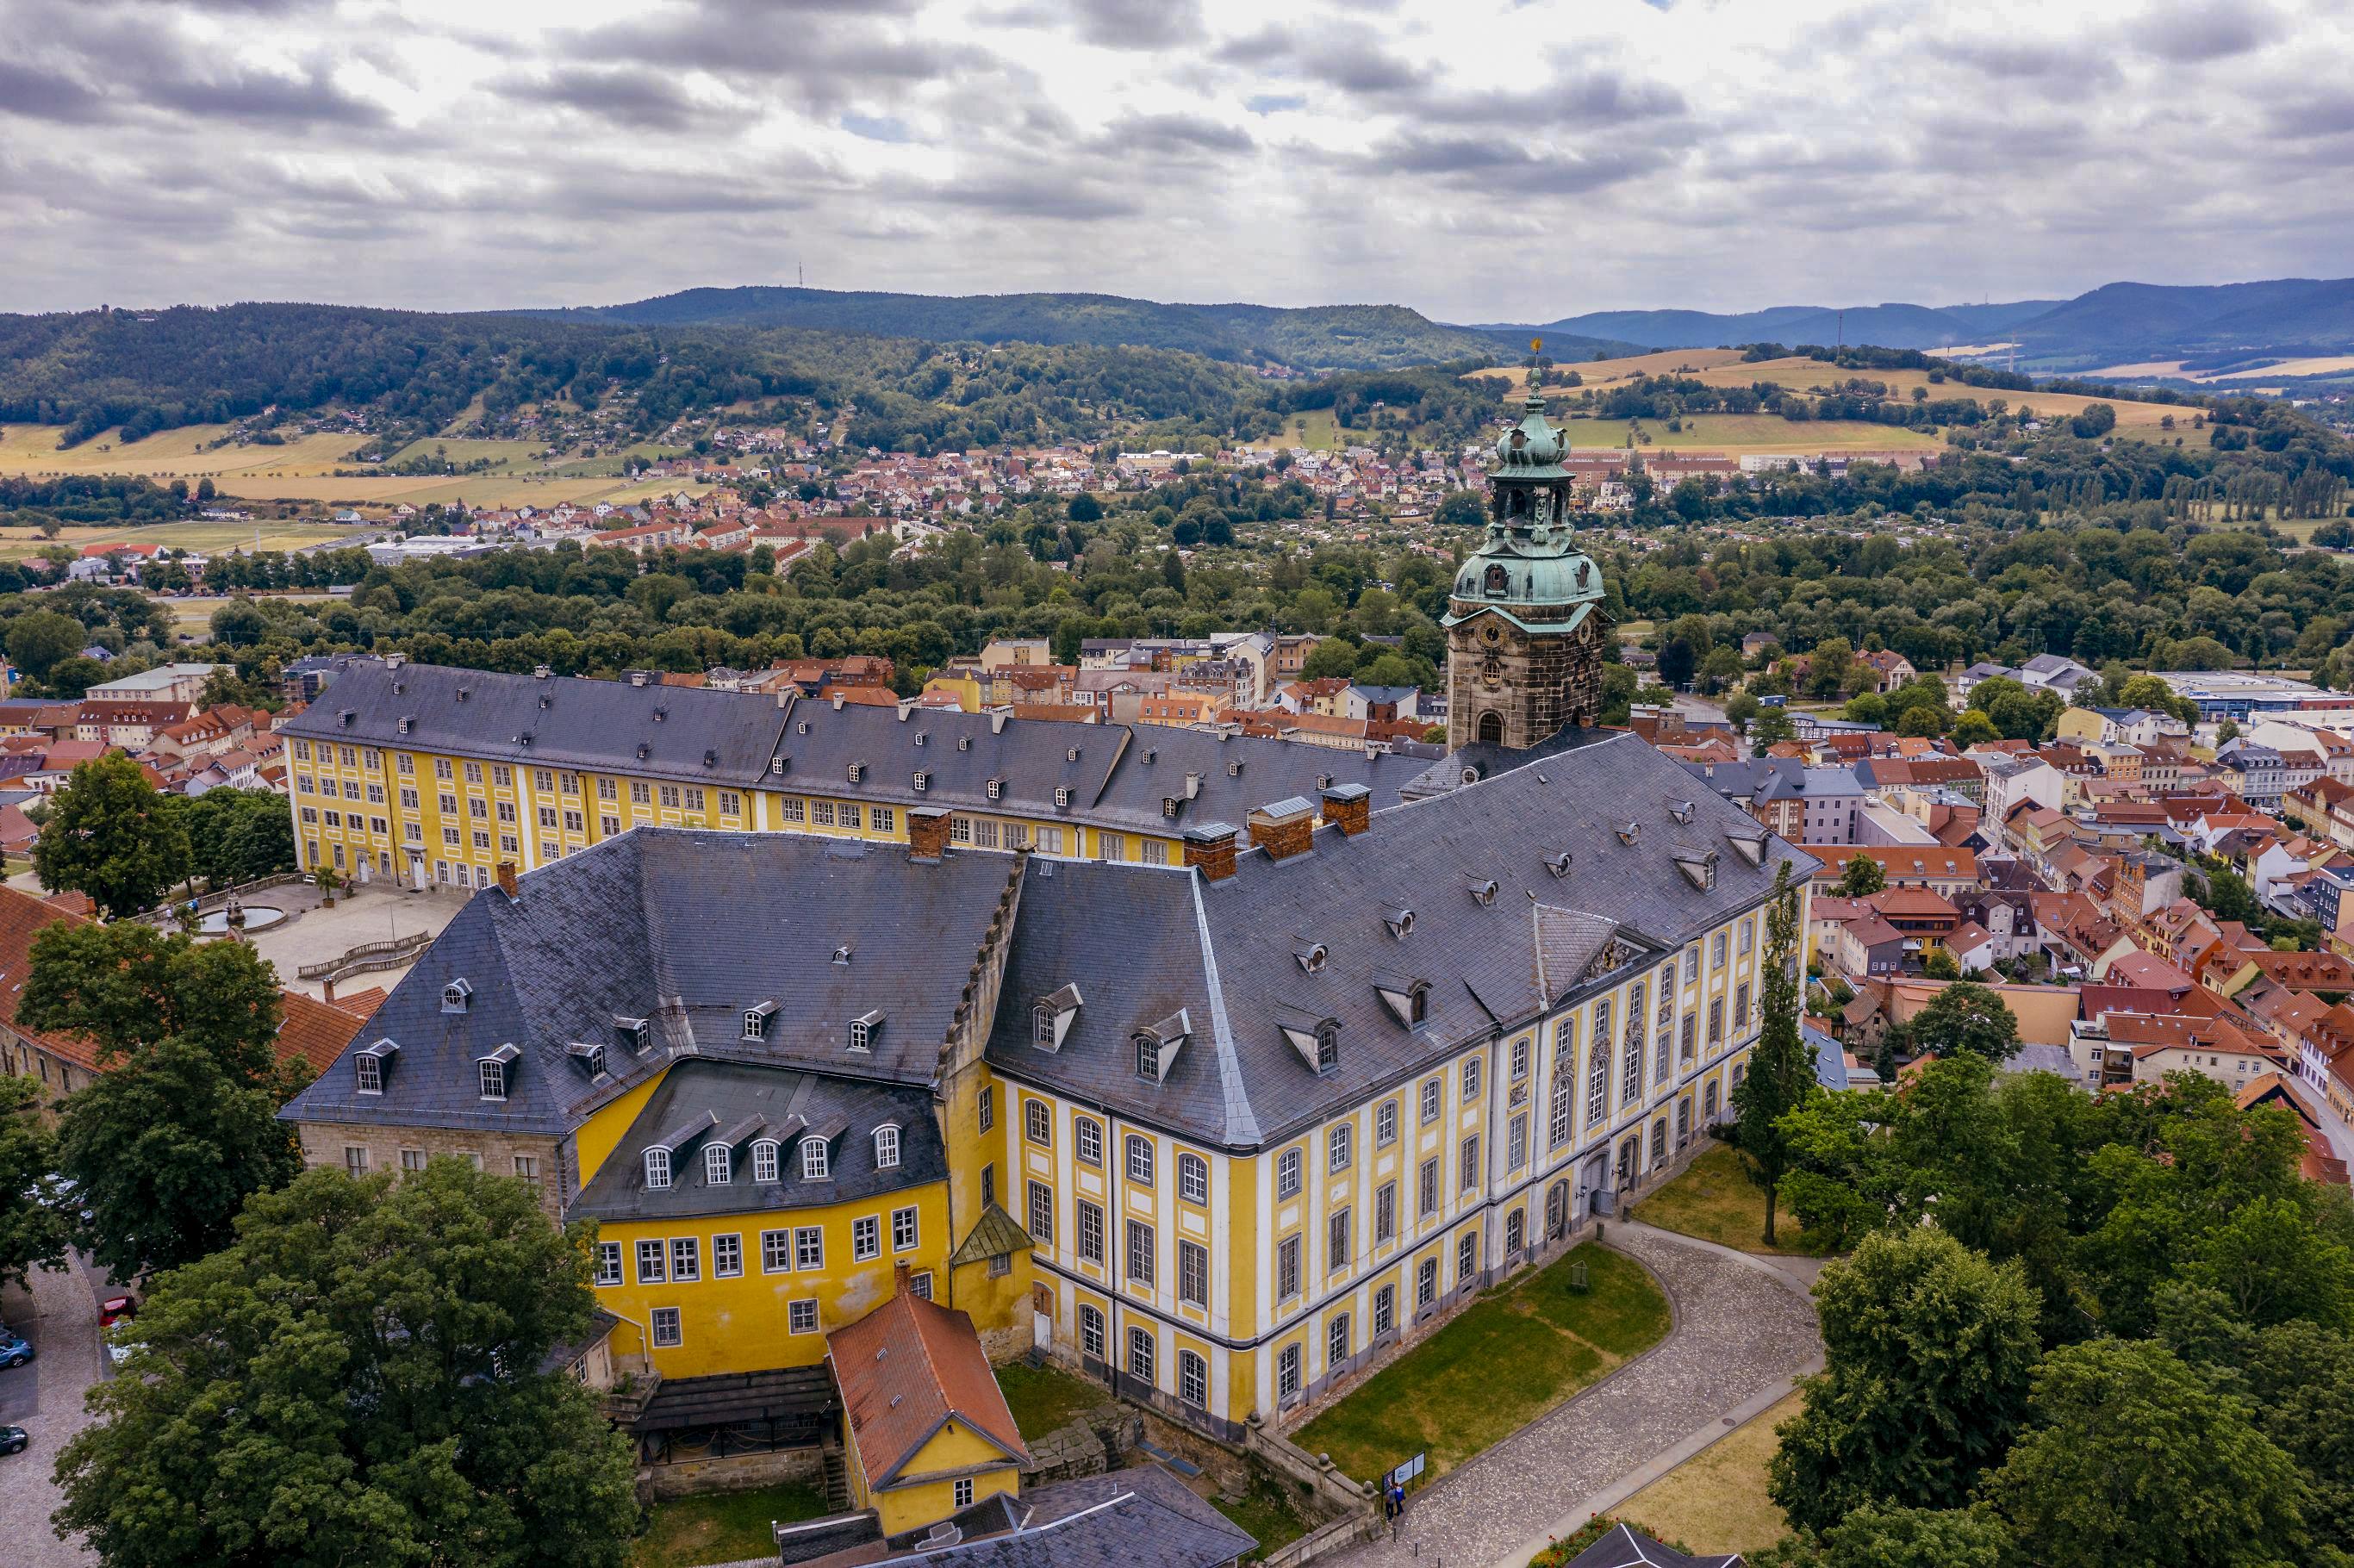 Luftaufnahme der Heidecksburg